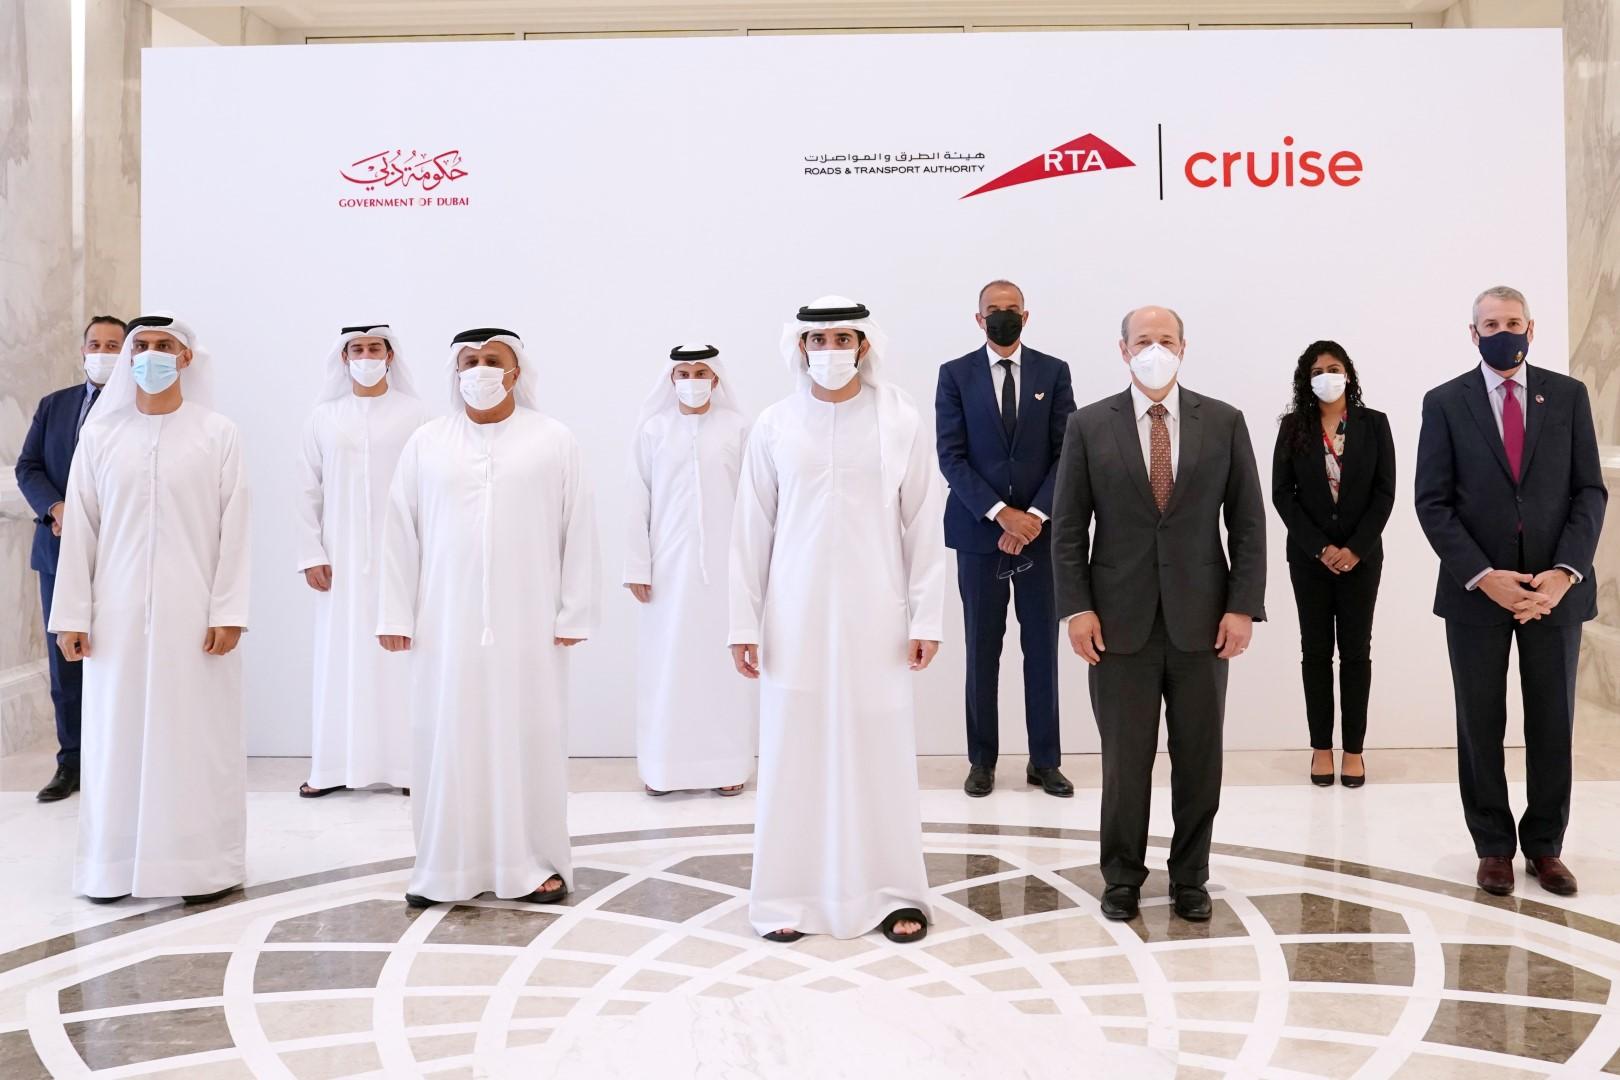 """حمدان بن محمد يشهد توقيع اتفاقية بين """"طرق دبي"""" و""""شركة كروز"""""""